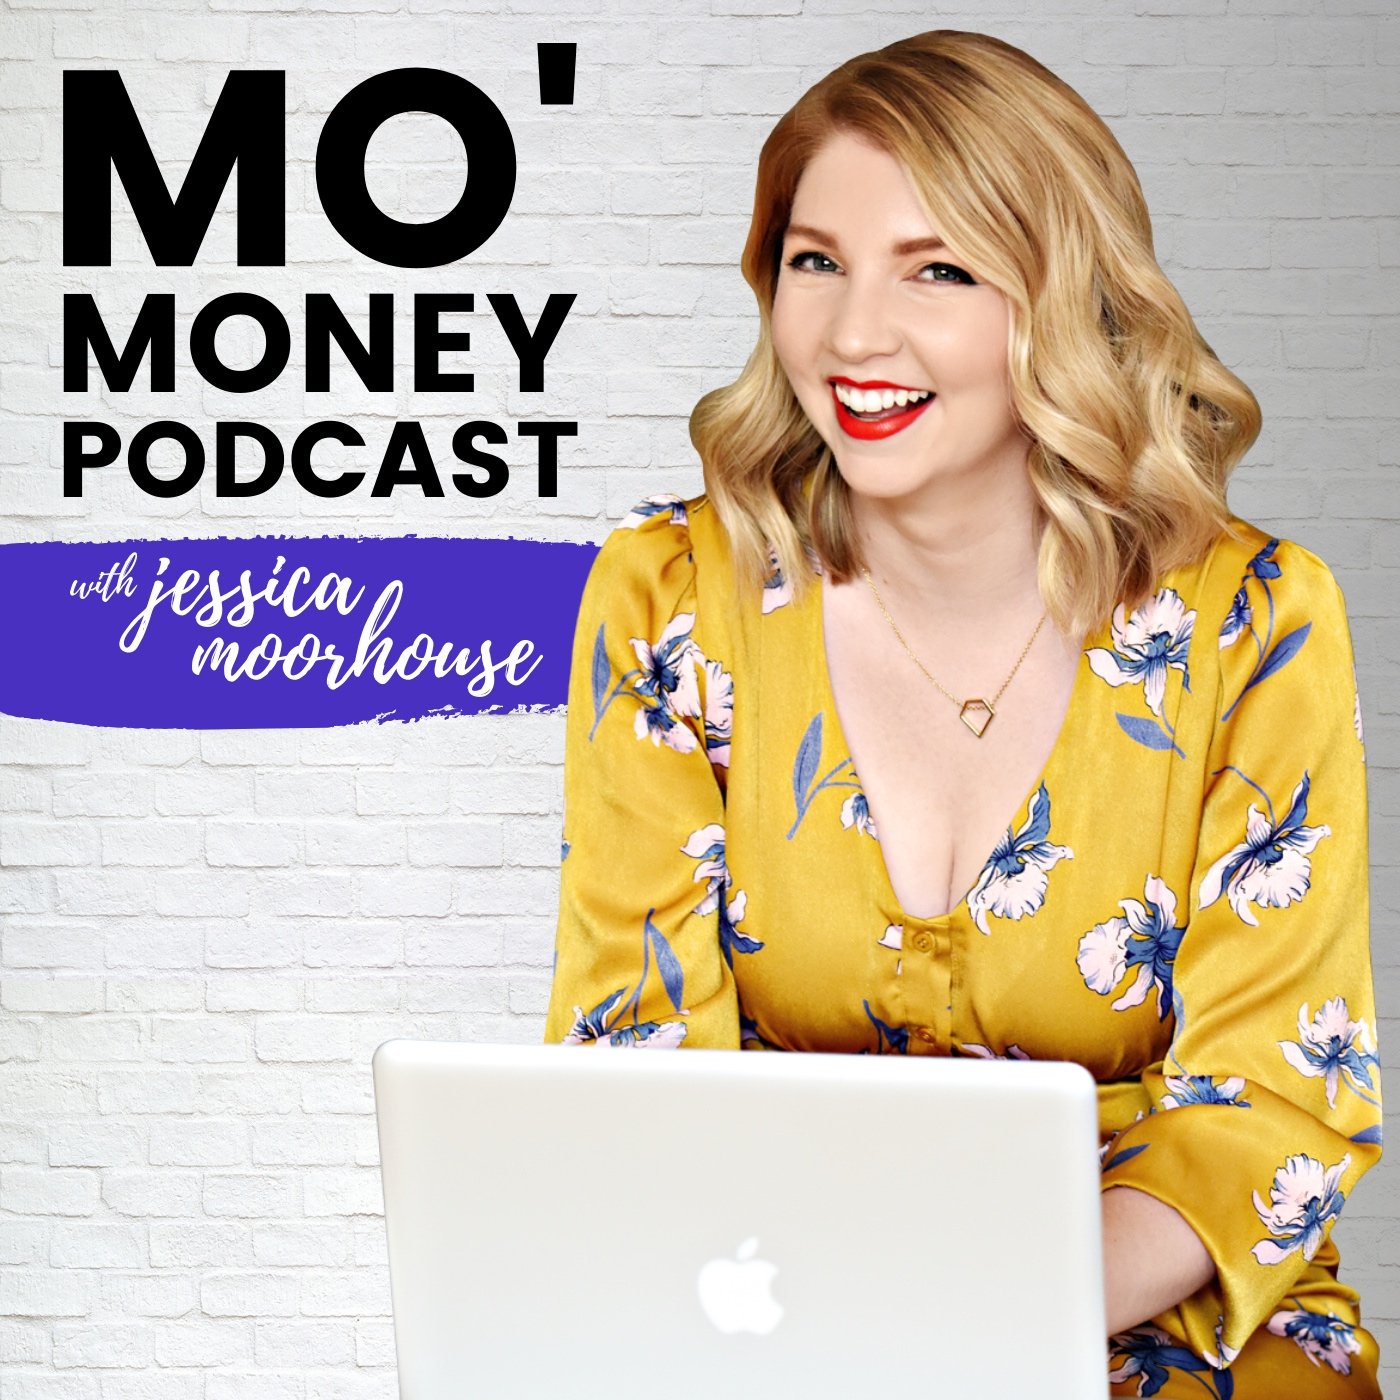 Mo' Money Podcast show art